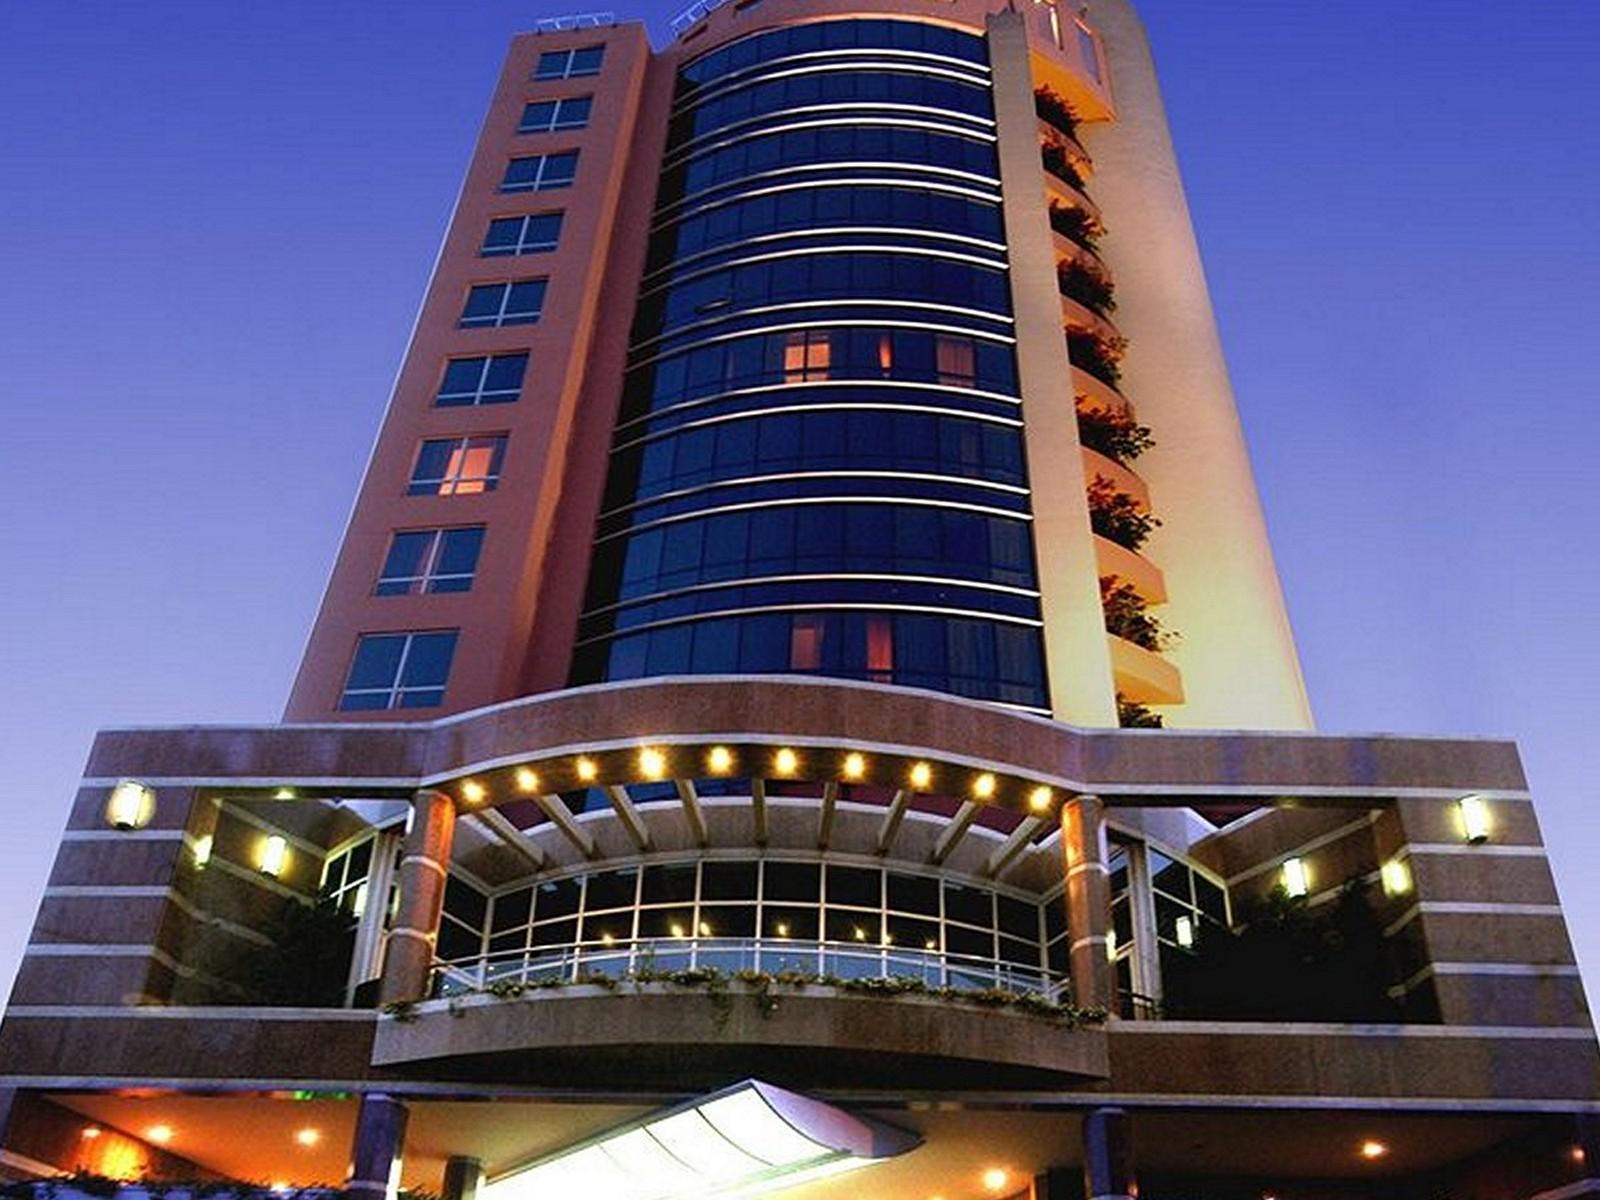 Holiday Inn Santa Fe Argentina Hotel, La Capital